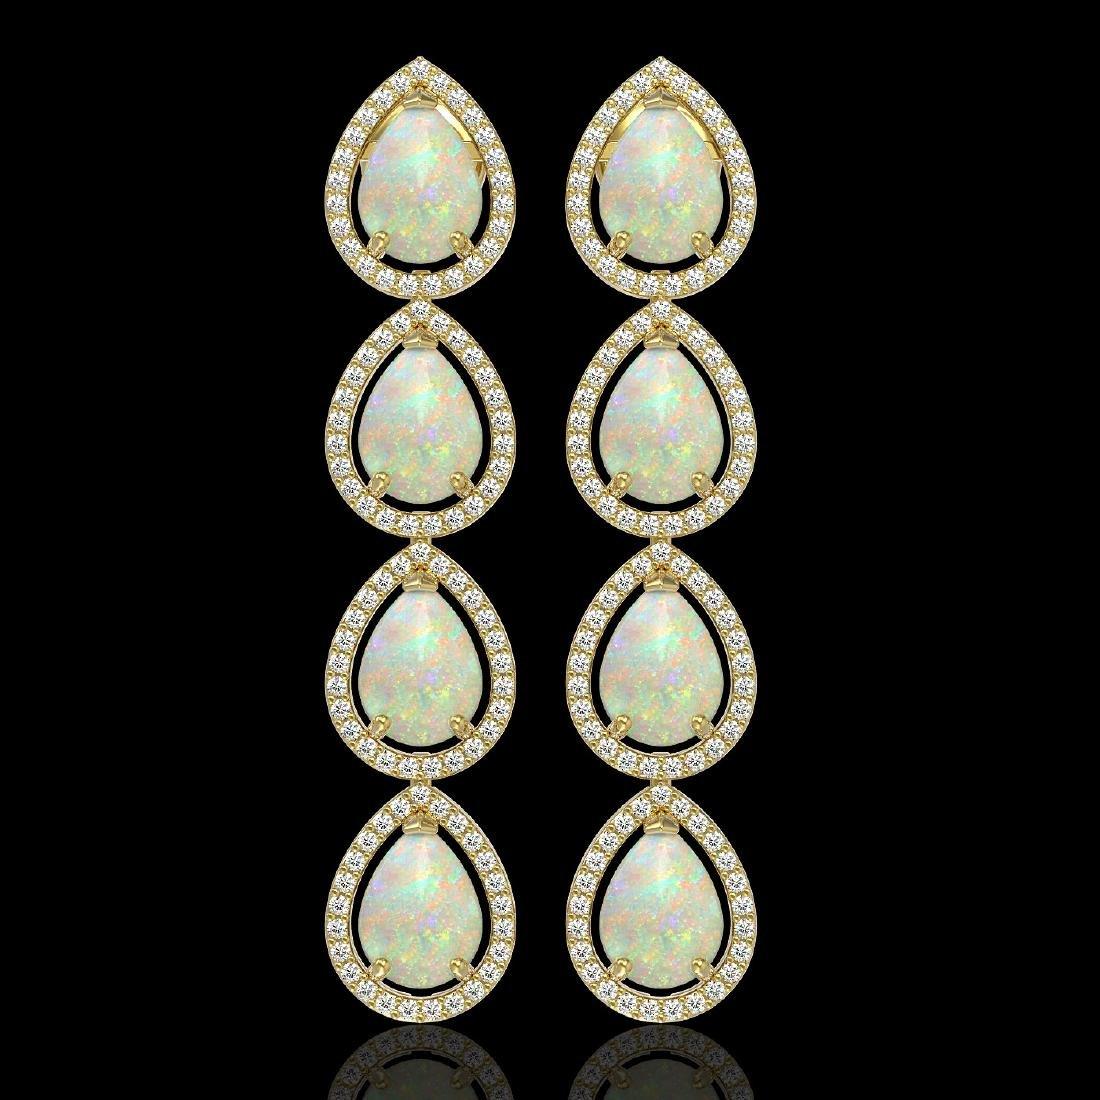 9.12 CTW Opal & Diamond Halo Earrings 10K Yellow Gold